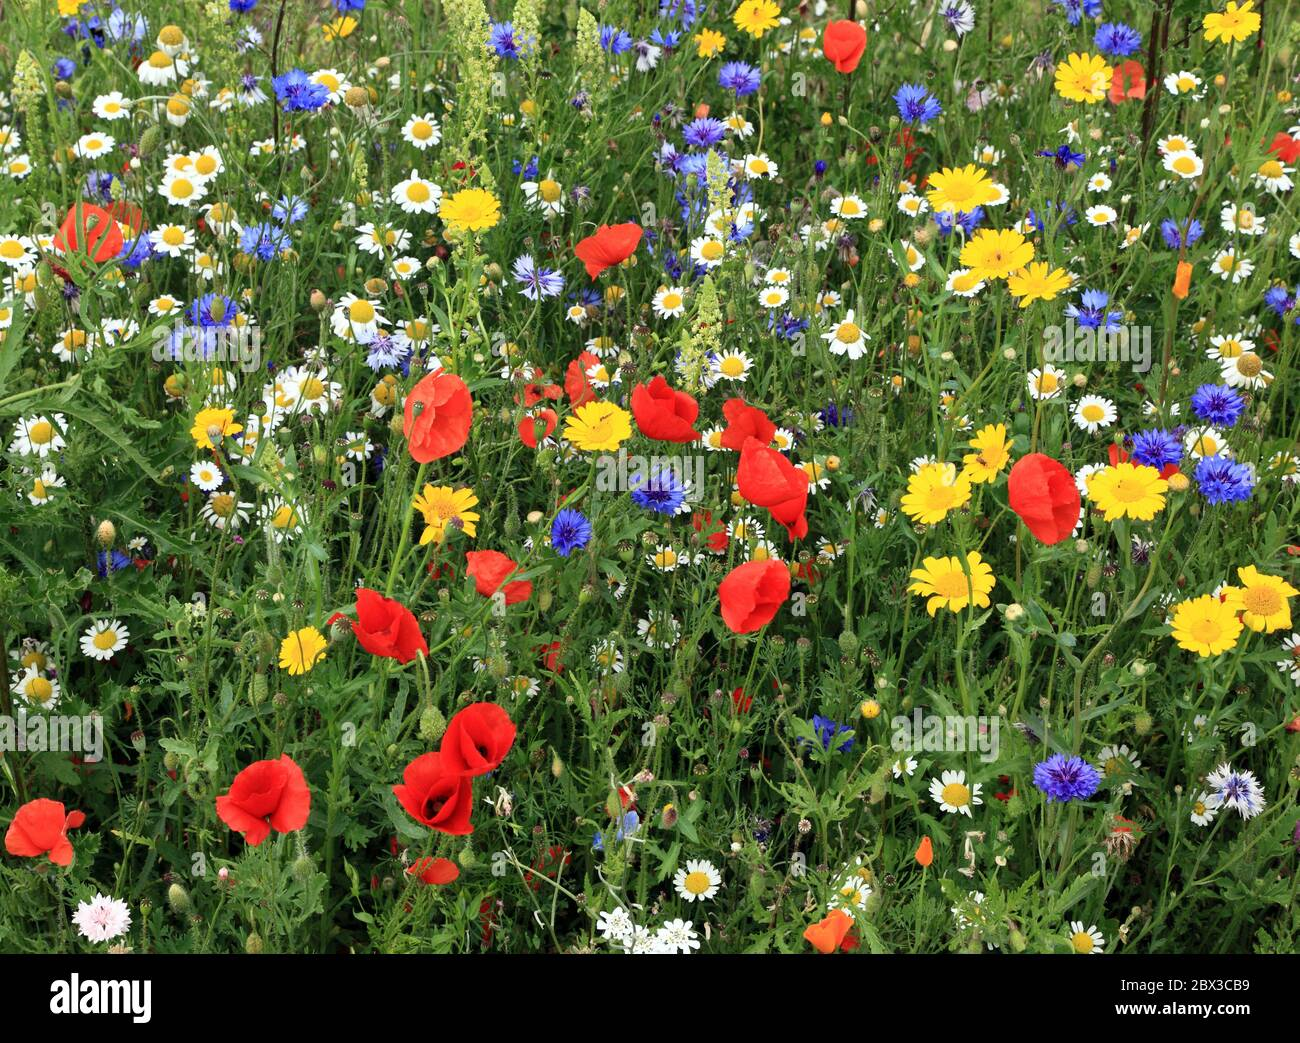 Fiore selvaggio, bordo, giardino, papavero, margherita, fiore di mais, papaveri di campo, margherite, fiori di mais, colorato Foto Stock